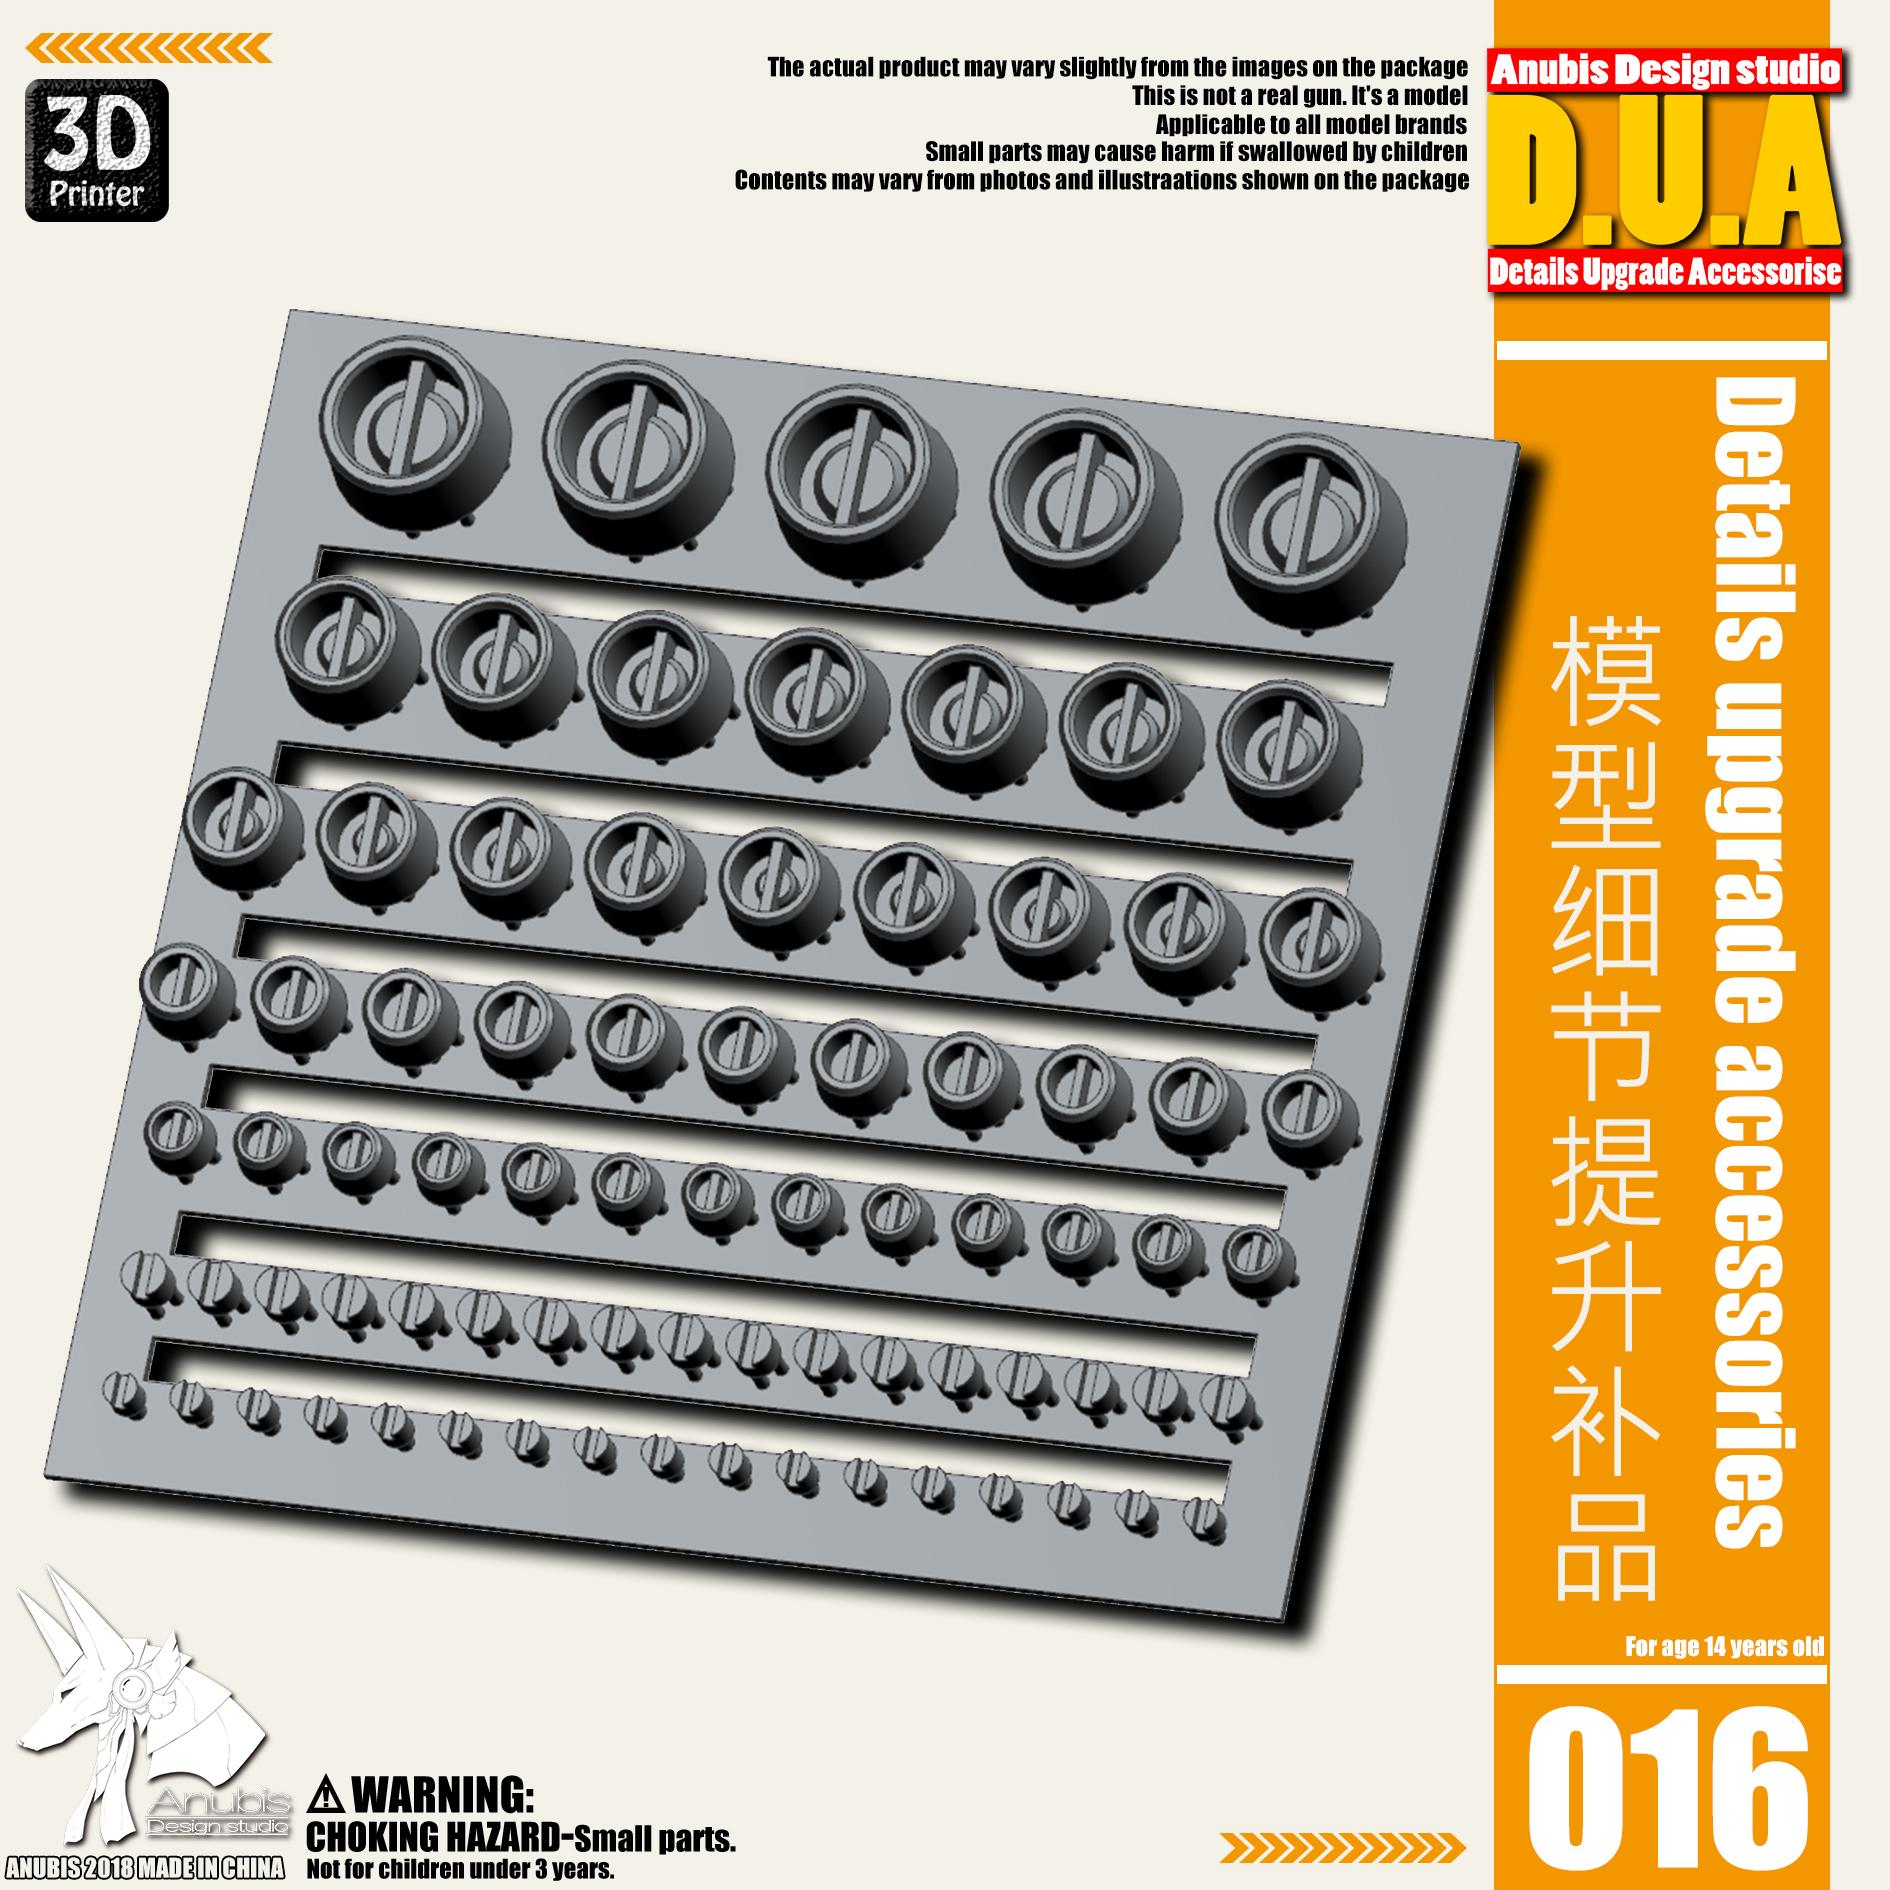 G413_DUA016_001.jpg